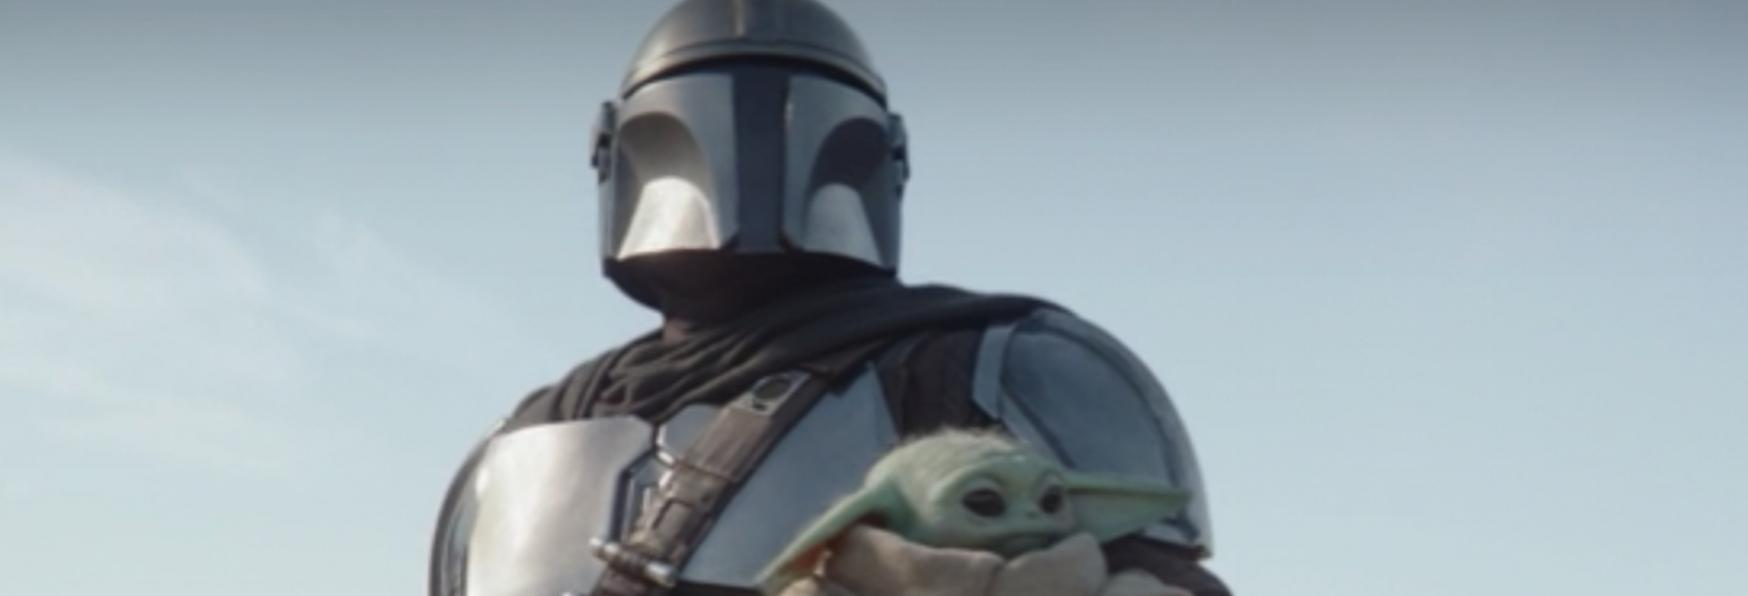 The Mandalorian 2: Recensione della recente Stagione della Serie TV targata Disney